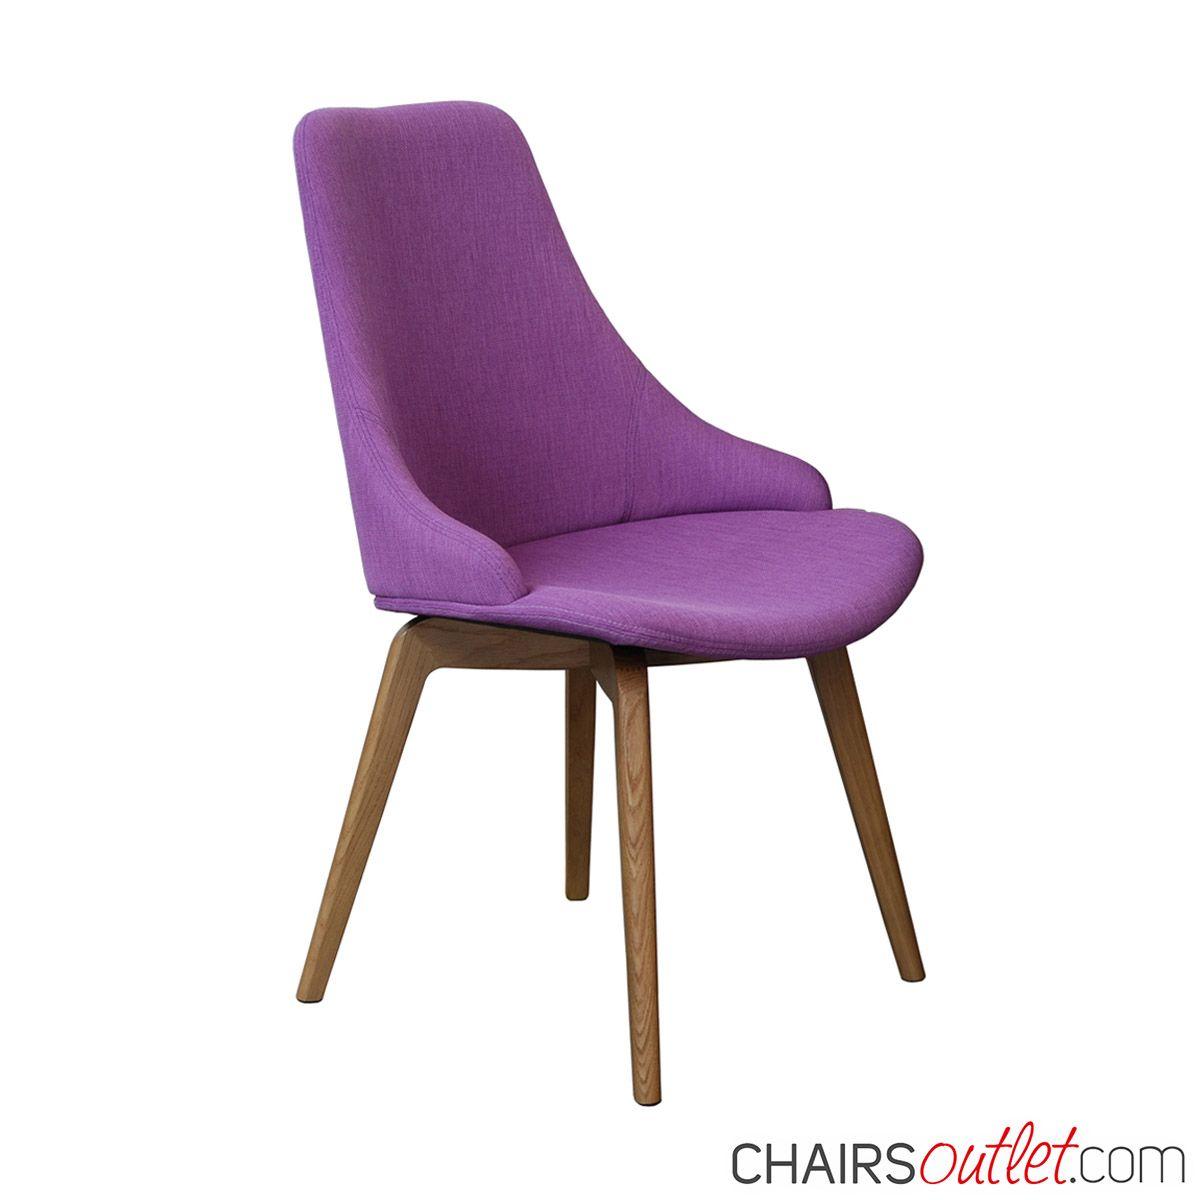 Sedie Da Soggiorno In Legno.Sedia Da Soggiorno Madeinitaly Viola Ultraviolet In Legno